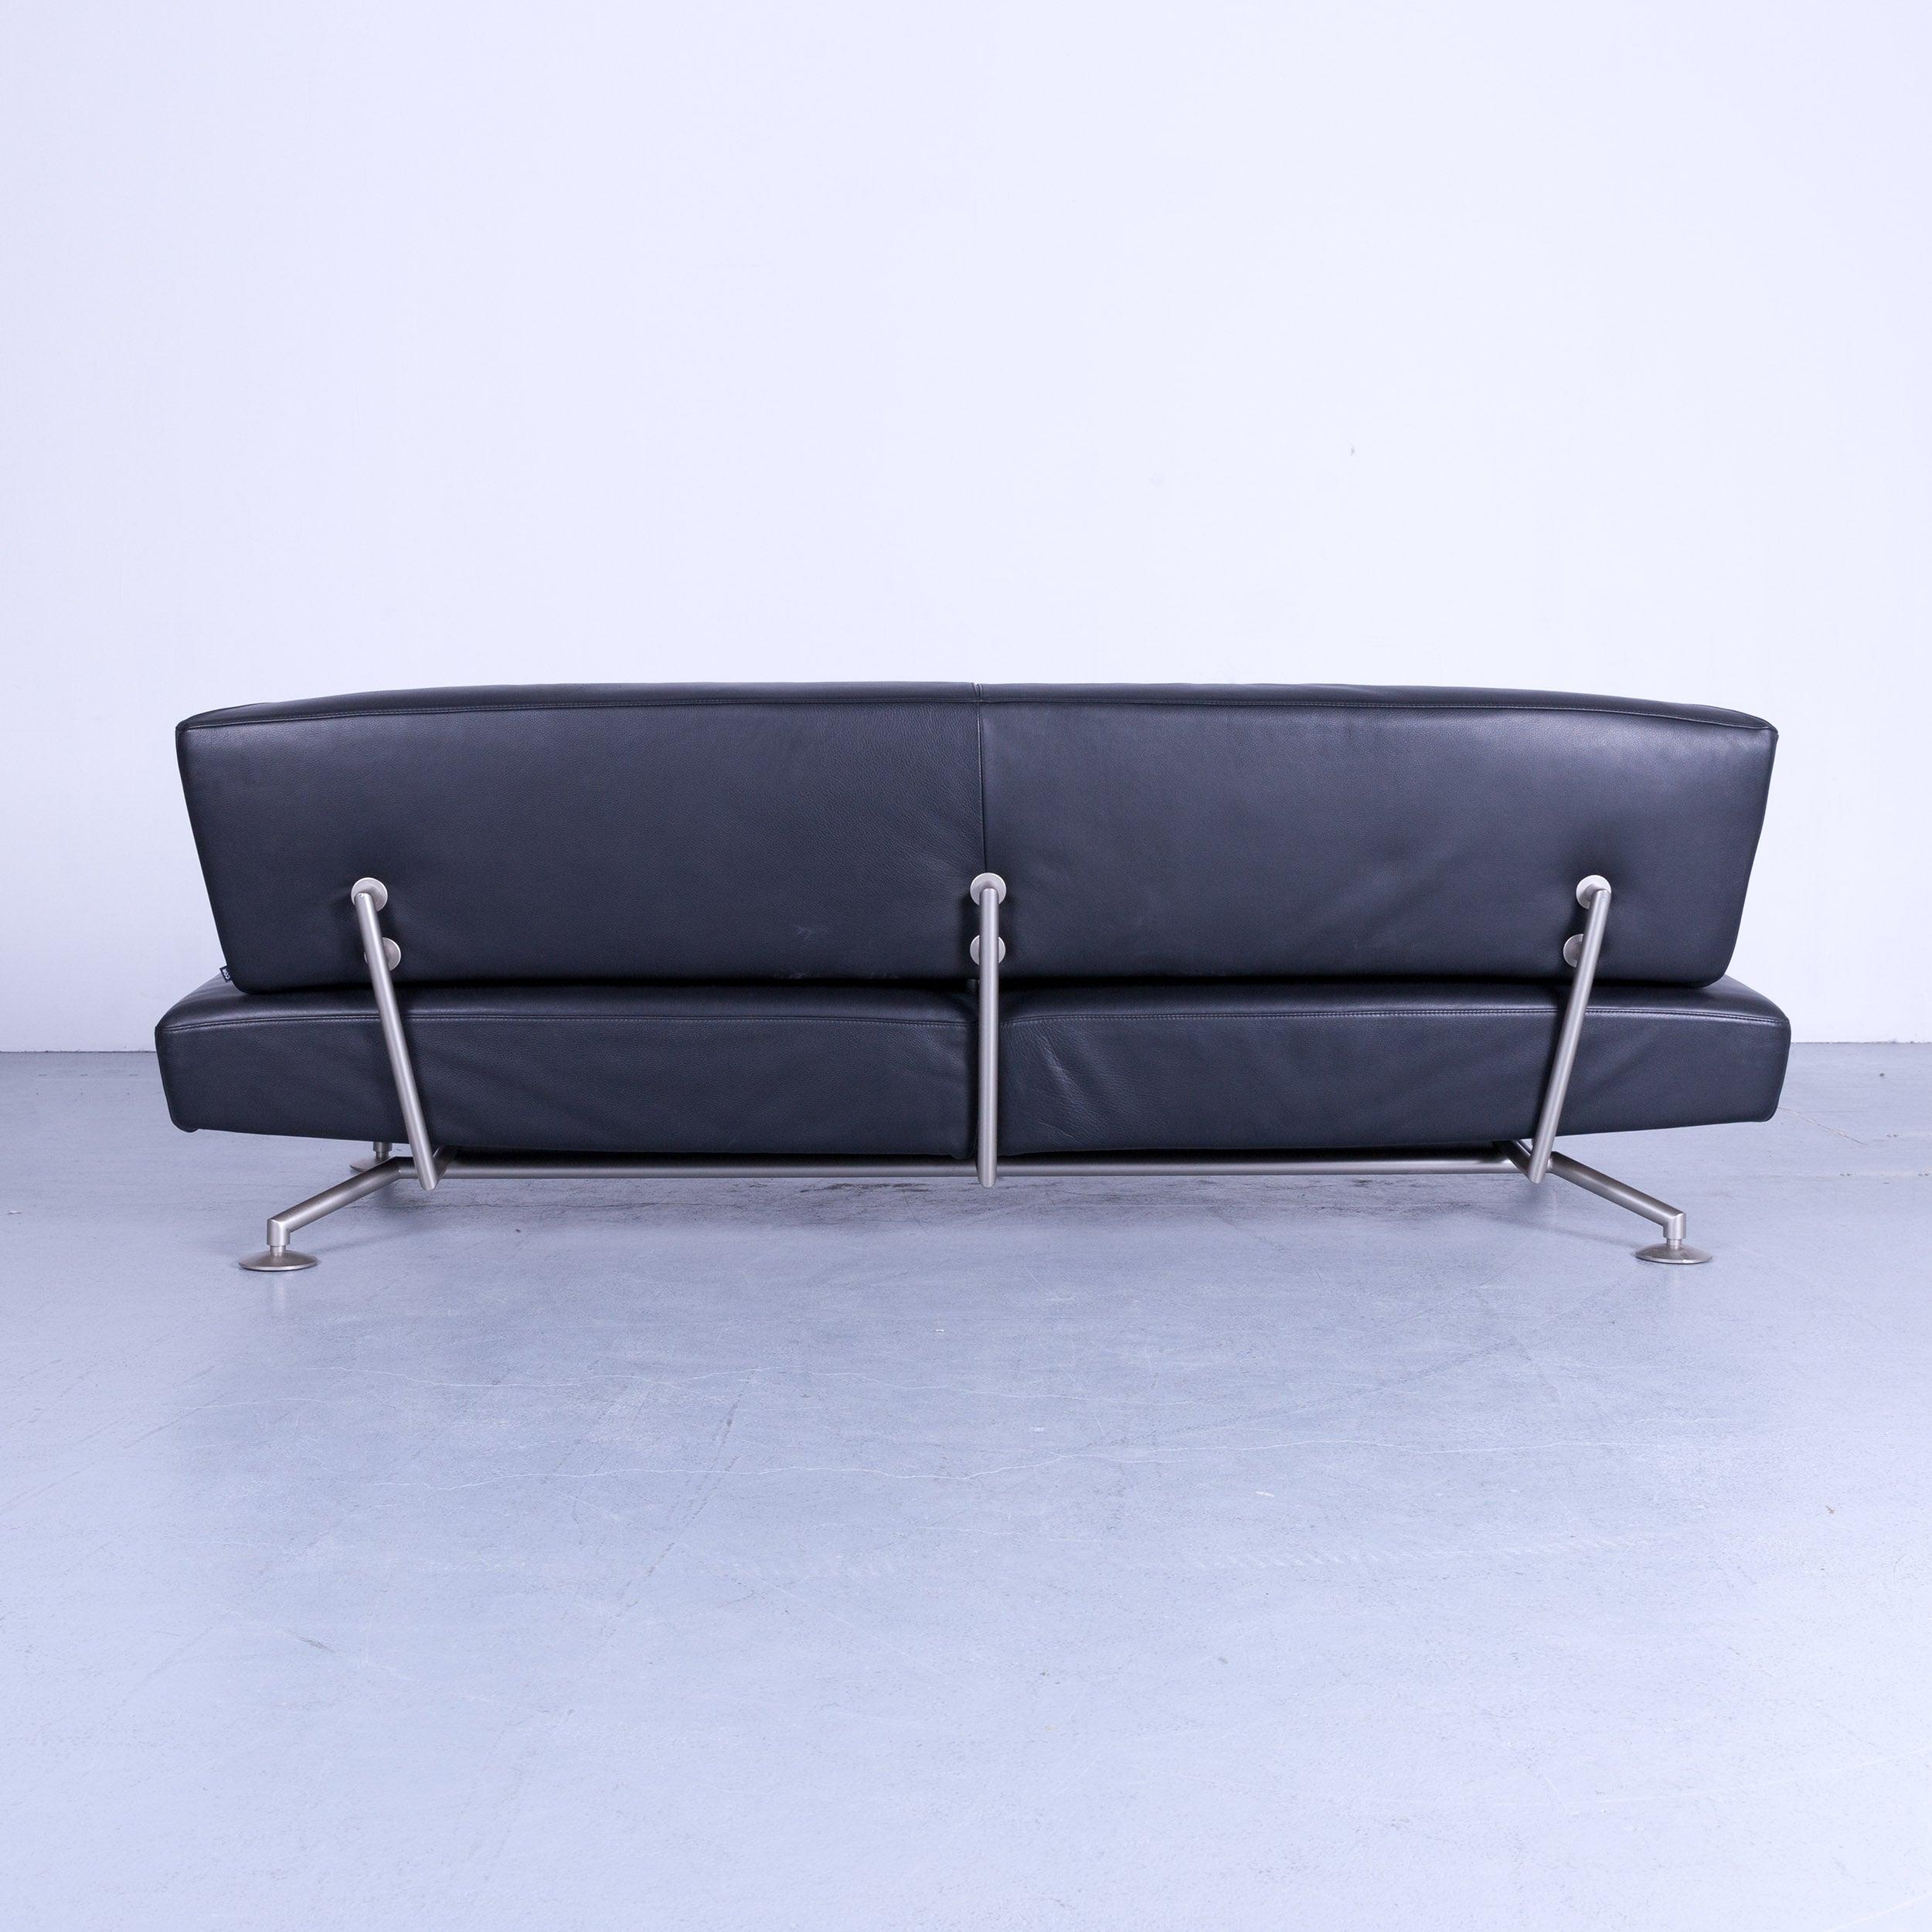 Cor Circum Designer Sofa Black Leather Three Seat Couch Function